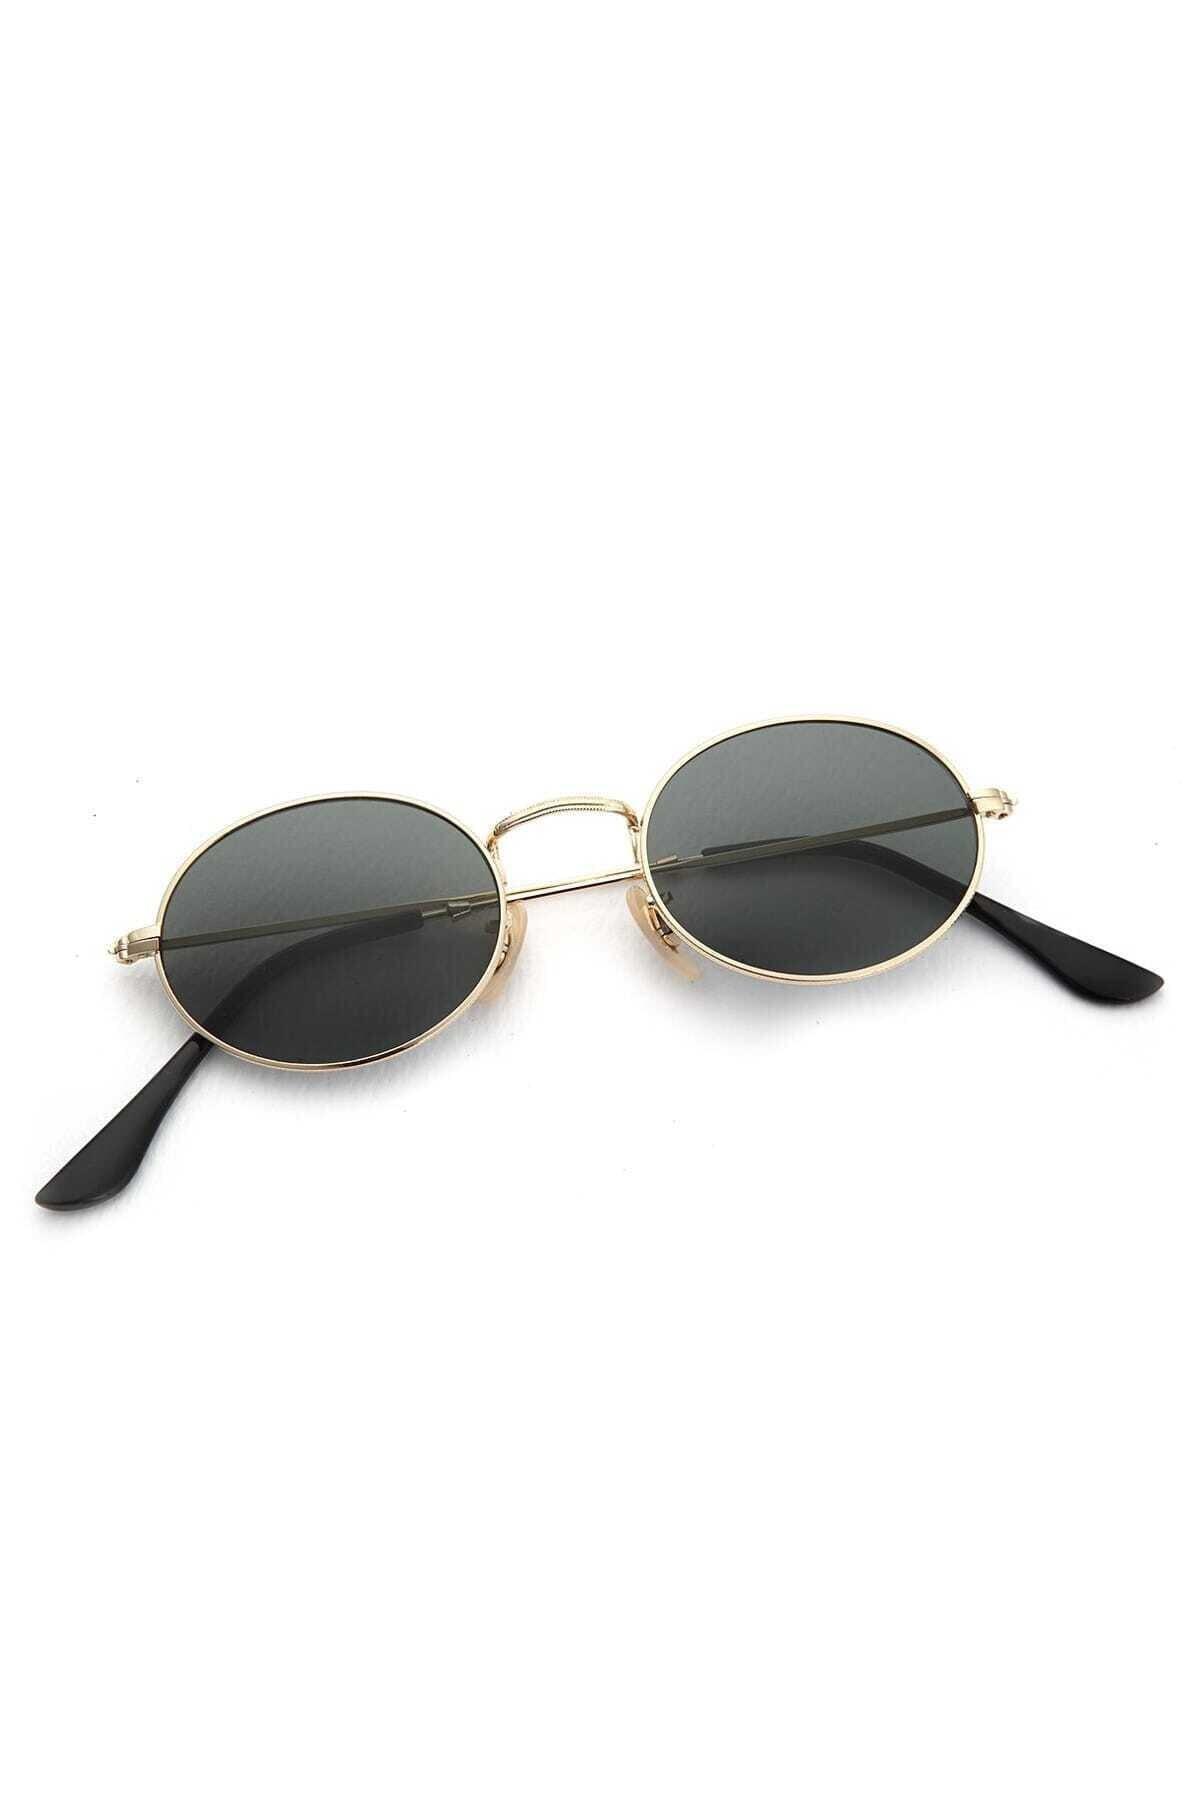 خرید نقدی عینک آفتابی زنانه فروشگاه اینترنتی برند Kapin رنگ مشکی کد ty68664656